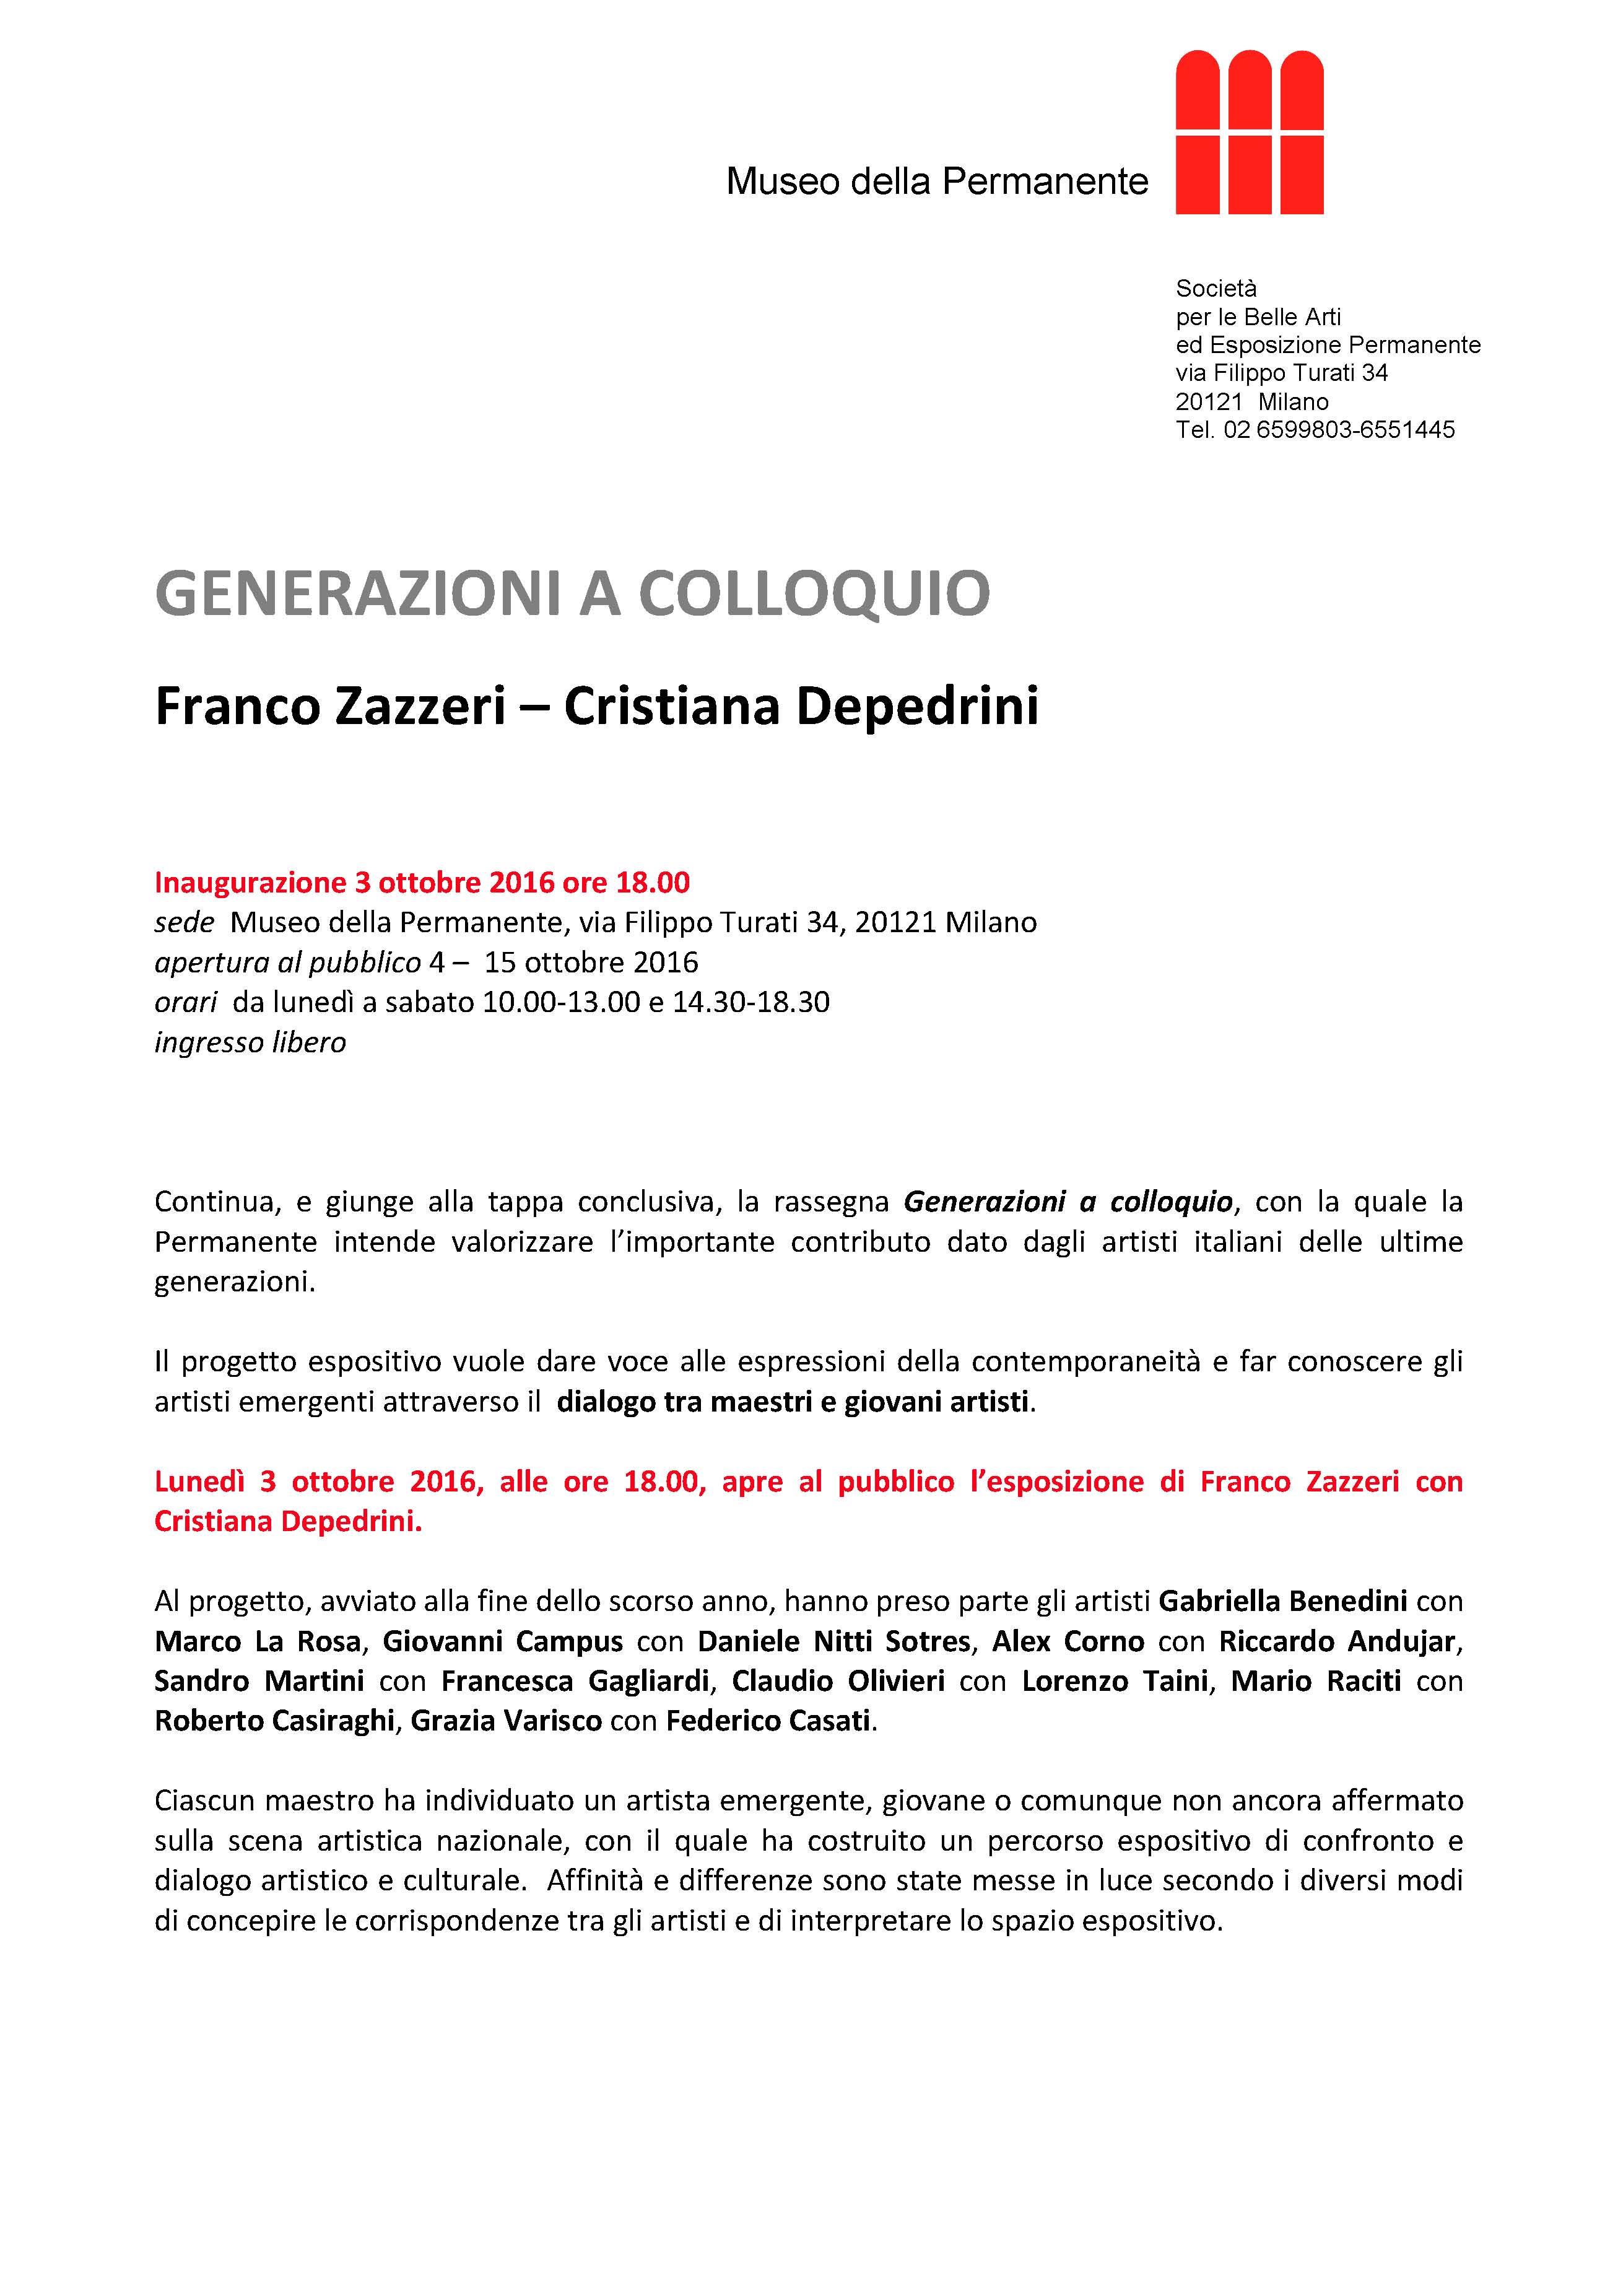 comunicato-generazioni-a-colloquio_page_1